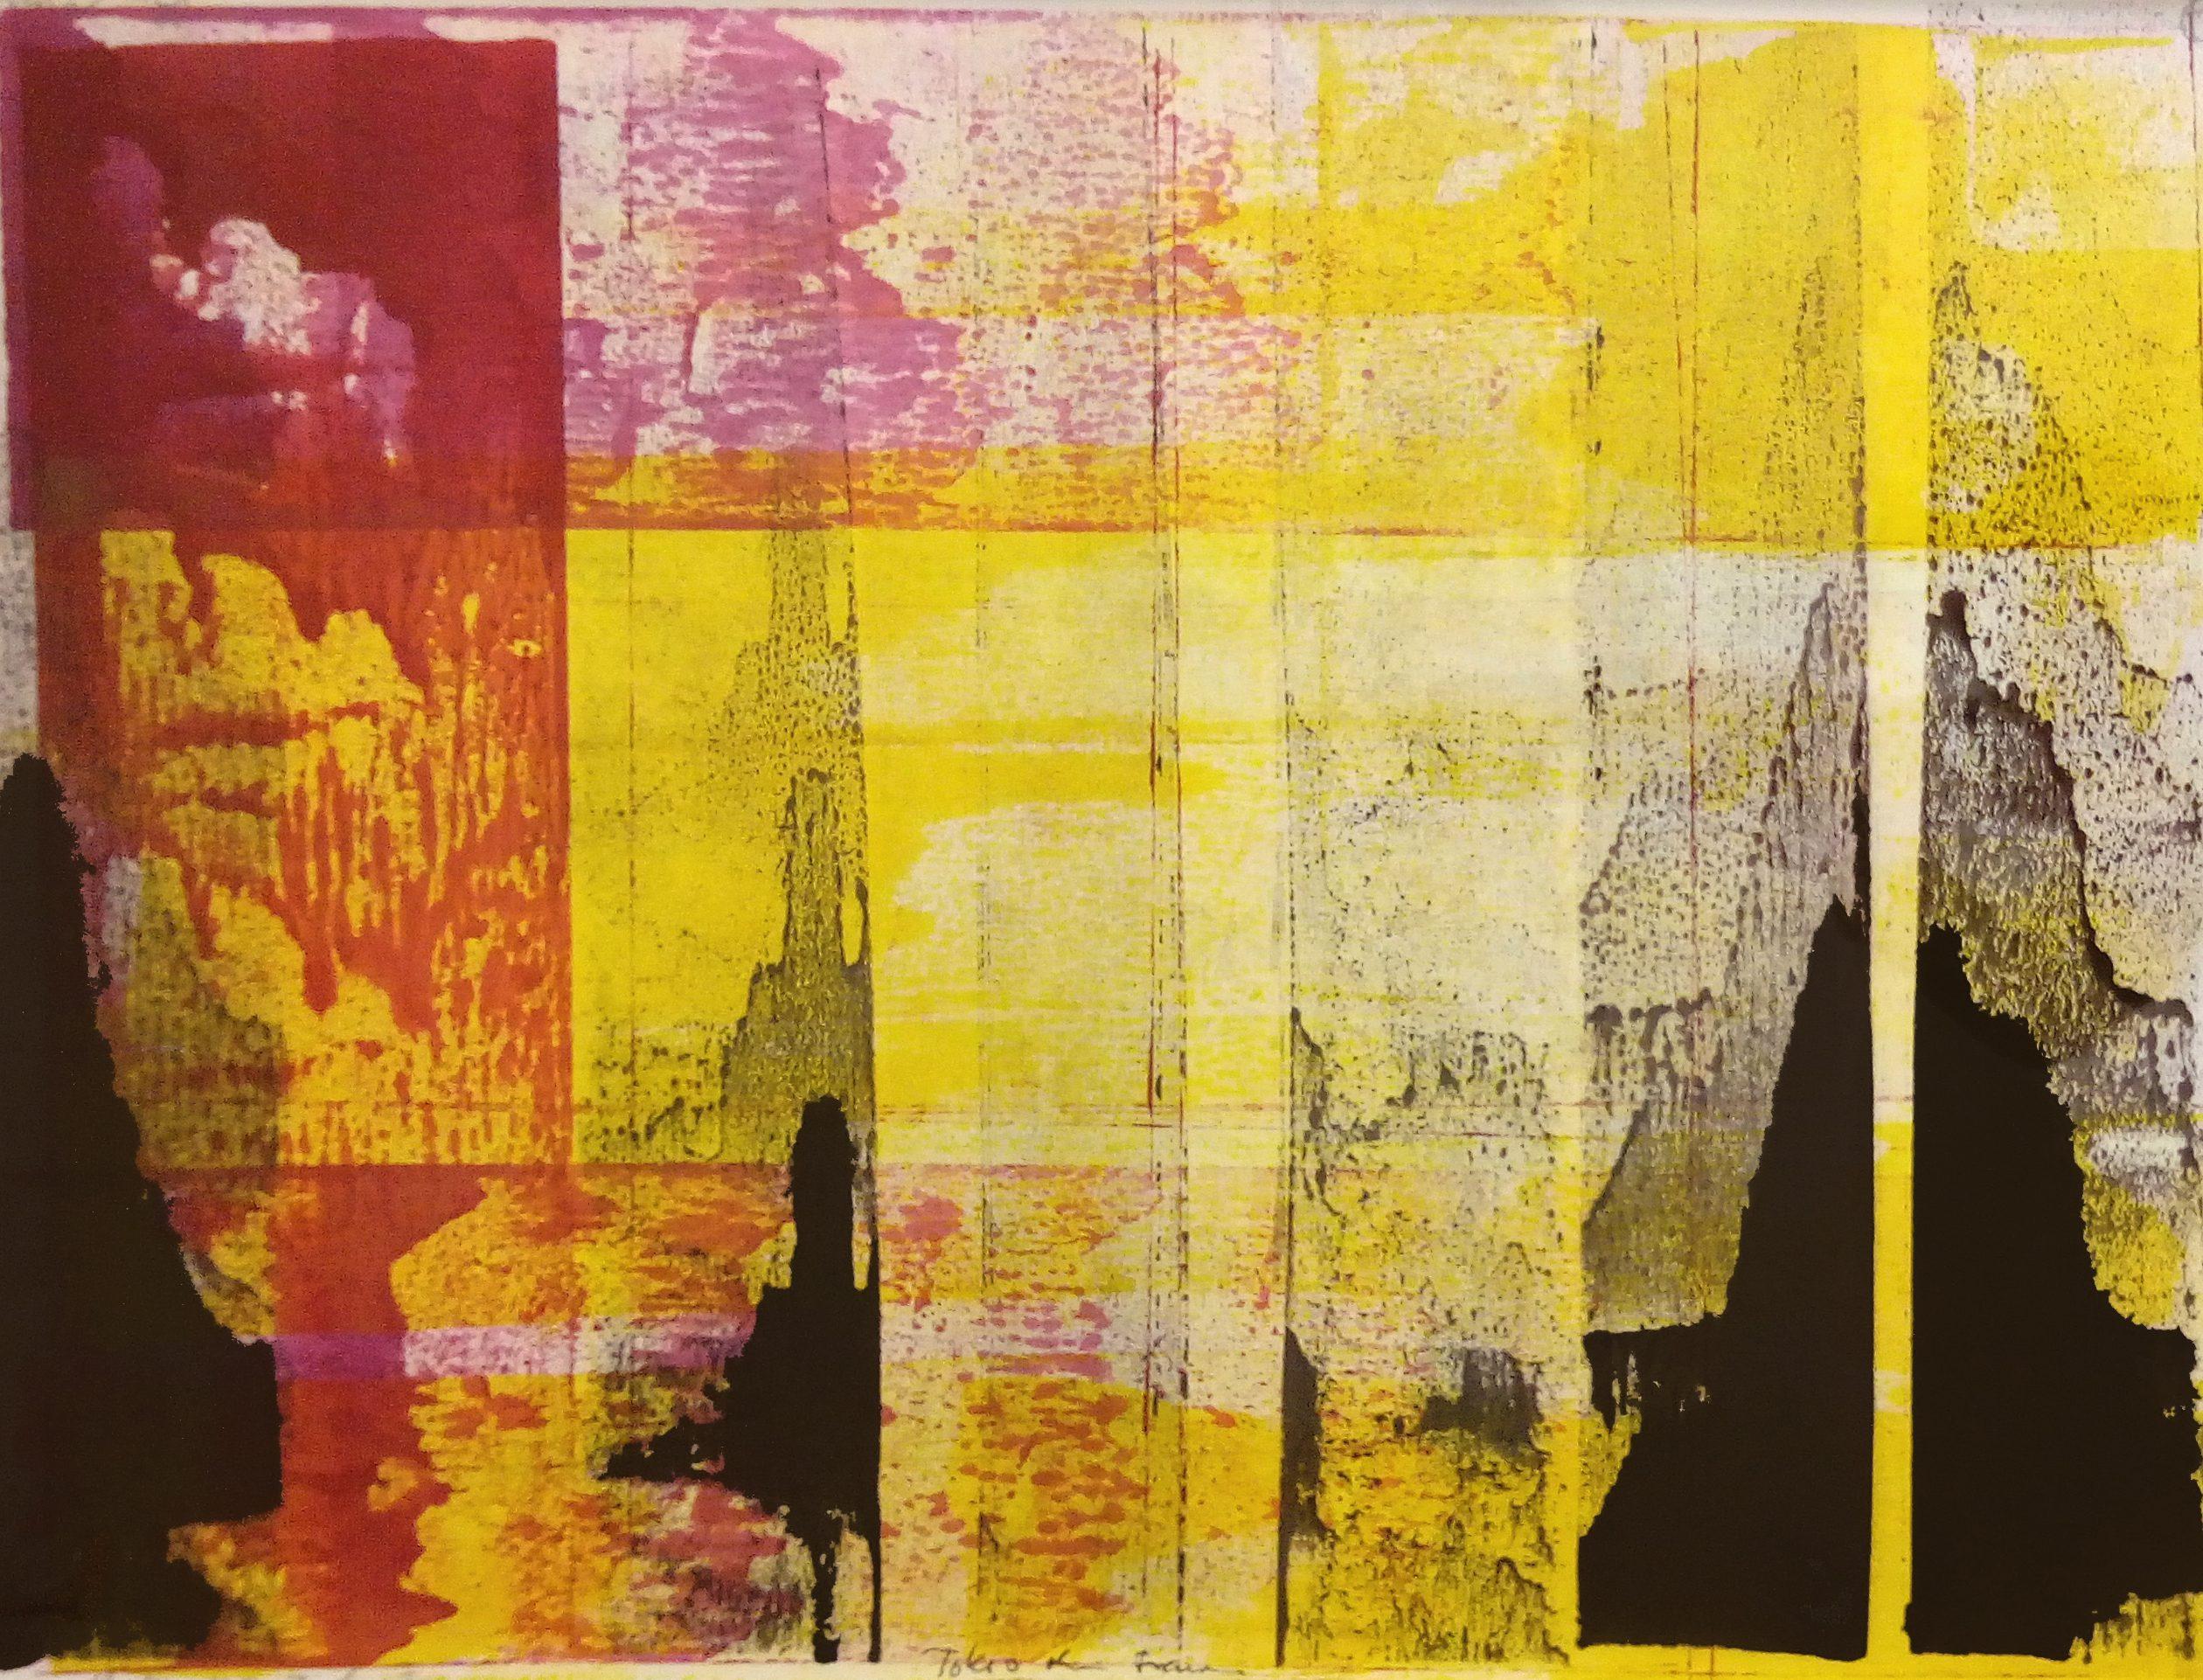 Tokyo ohne Traum, 2017, Tusche, Papier (Rives), 53 x 66 cm, framed